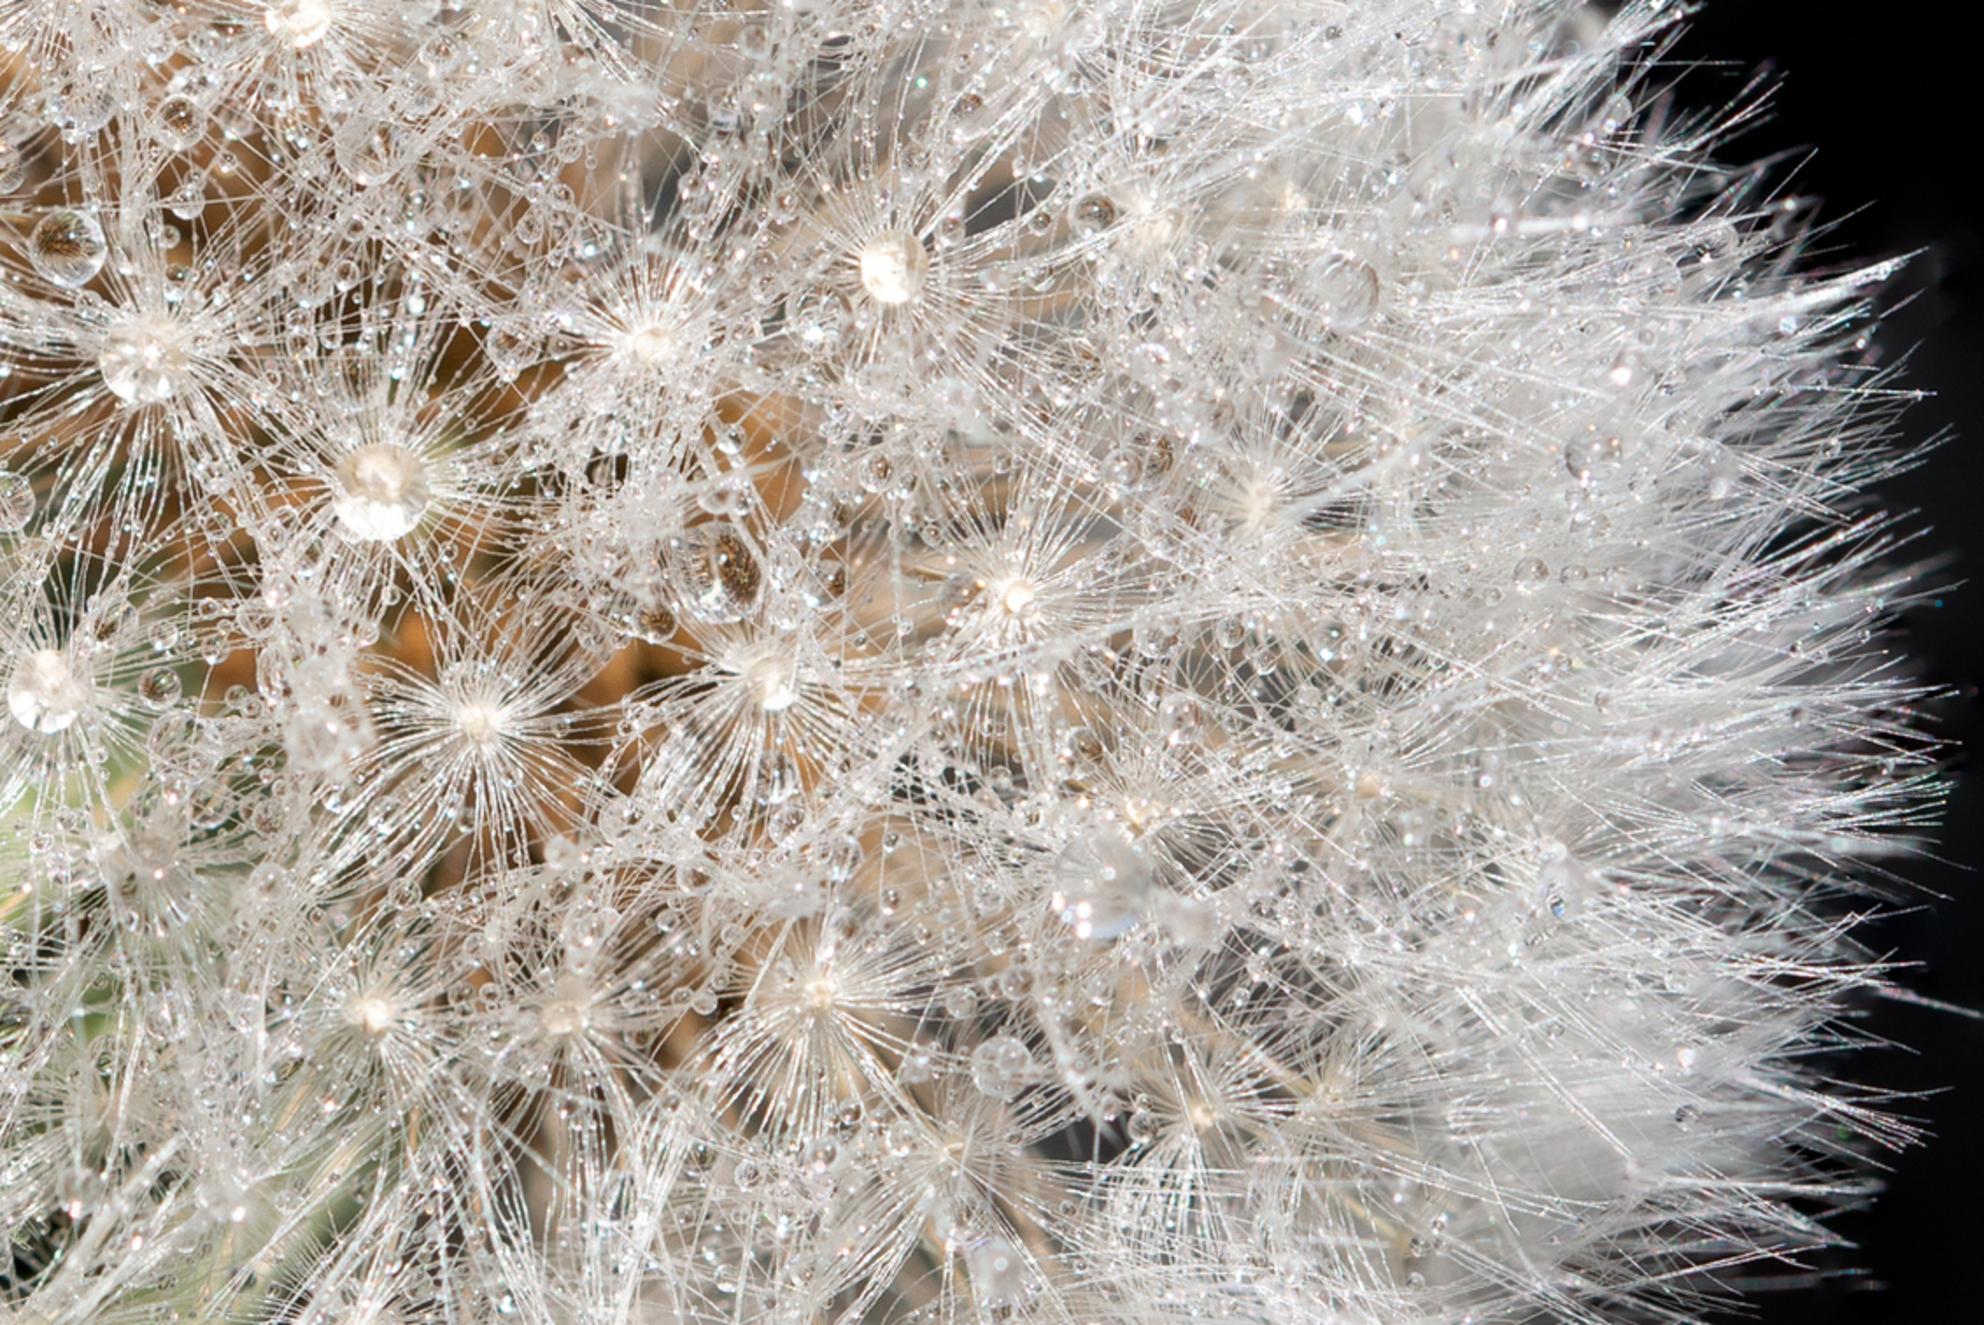 Paardenbloem close-up - Focusstack van een close-up opname van een paardenbloem - foto door RBvandaag op 12-05-2019 - deze foto bevat: macro, bloem, lente, natuur, druppel, tuin, paardenbloem, dauw